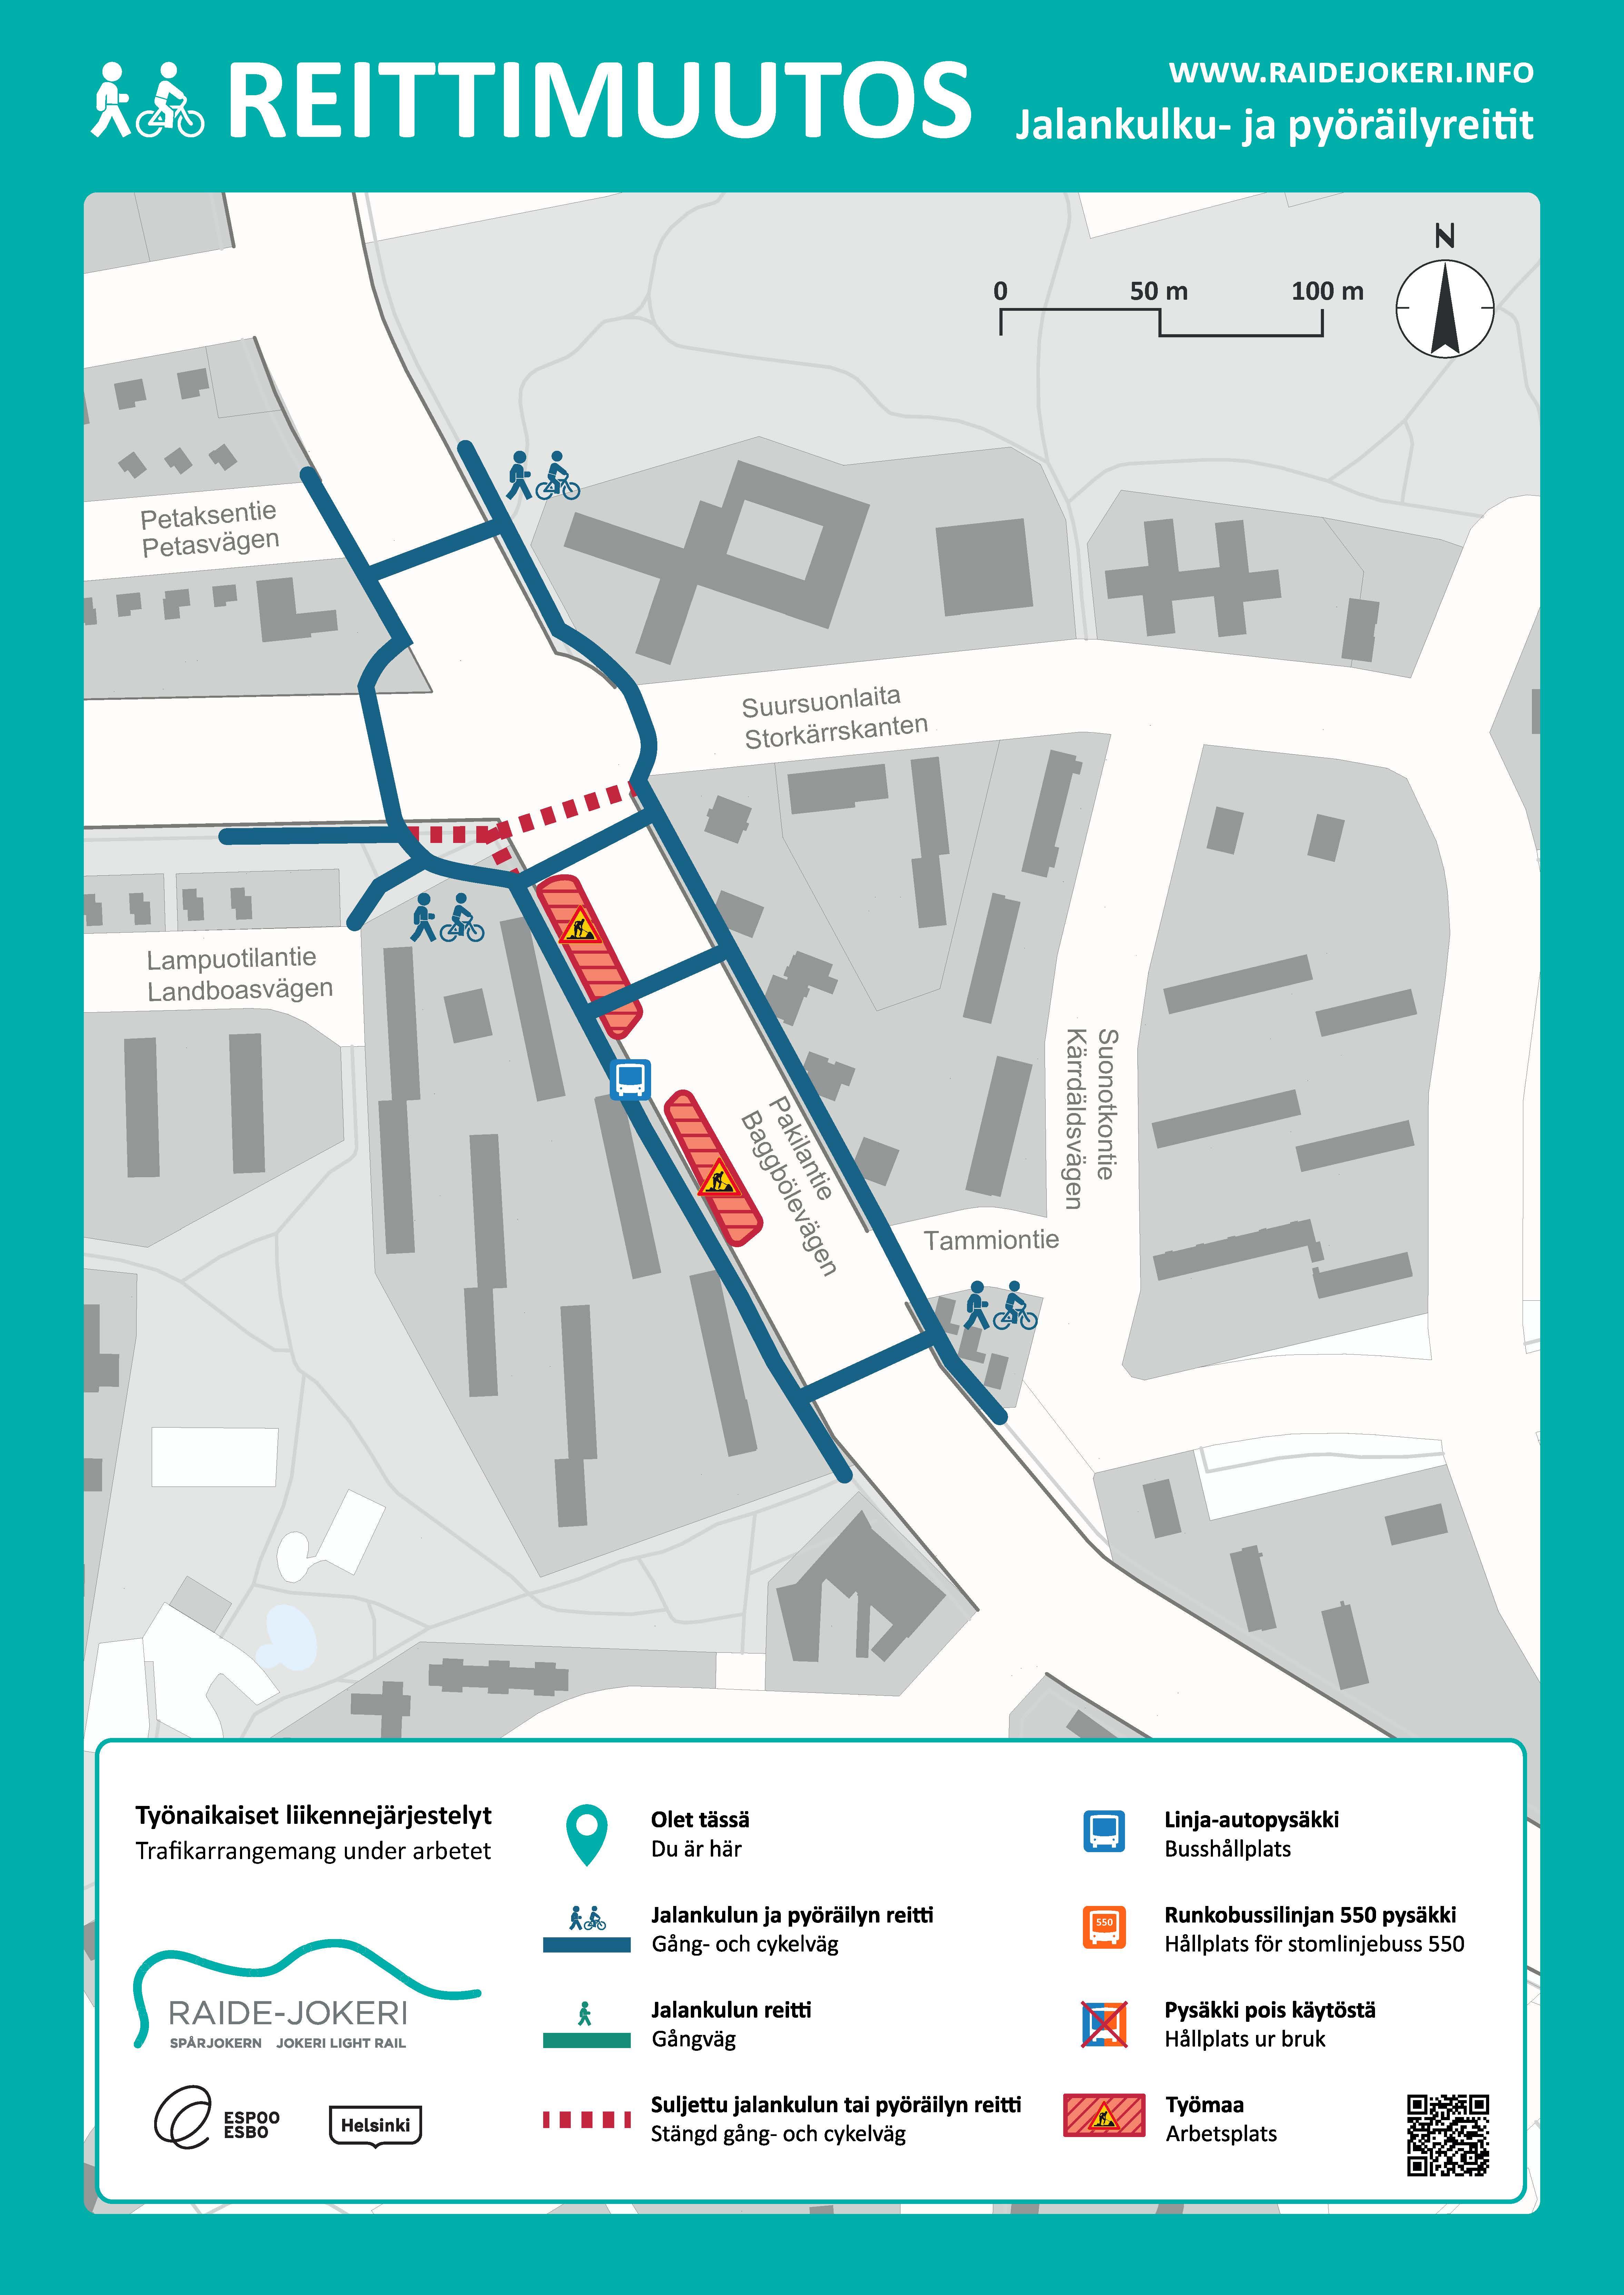 Pakilantien liikennejärjestelyt Pirjontien ja Tammiontien välillä viikosta 10 alkaen.